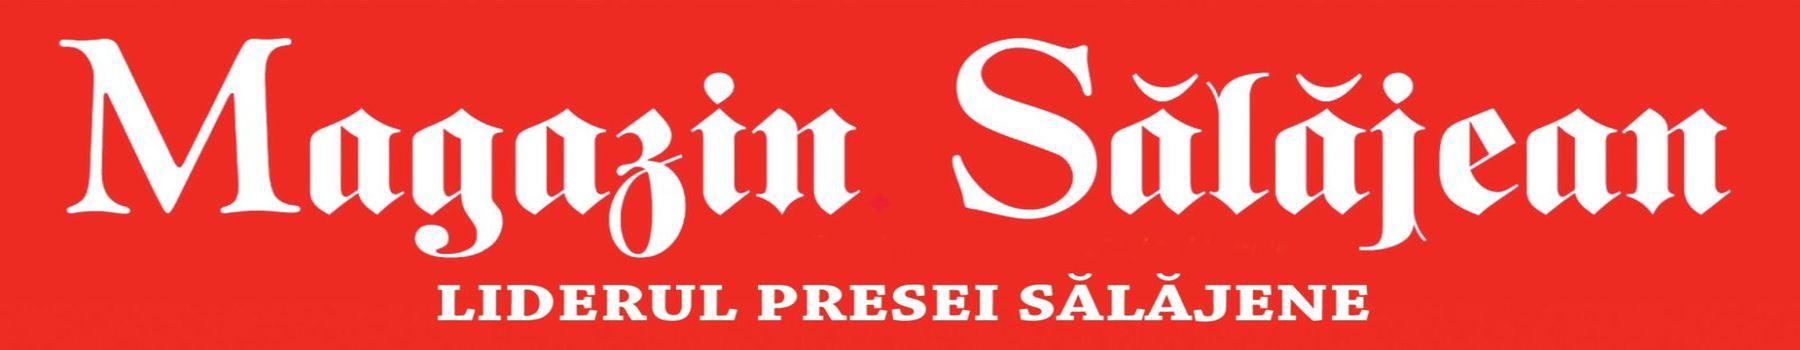 Magazin Sălăjean